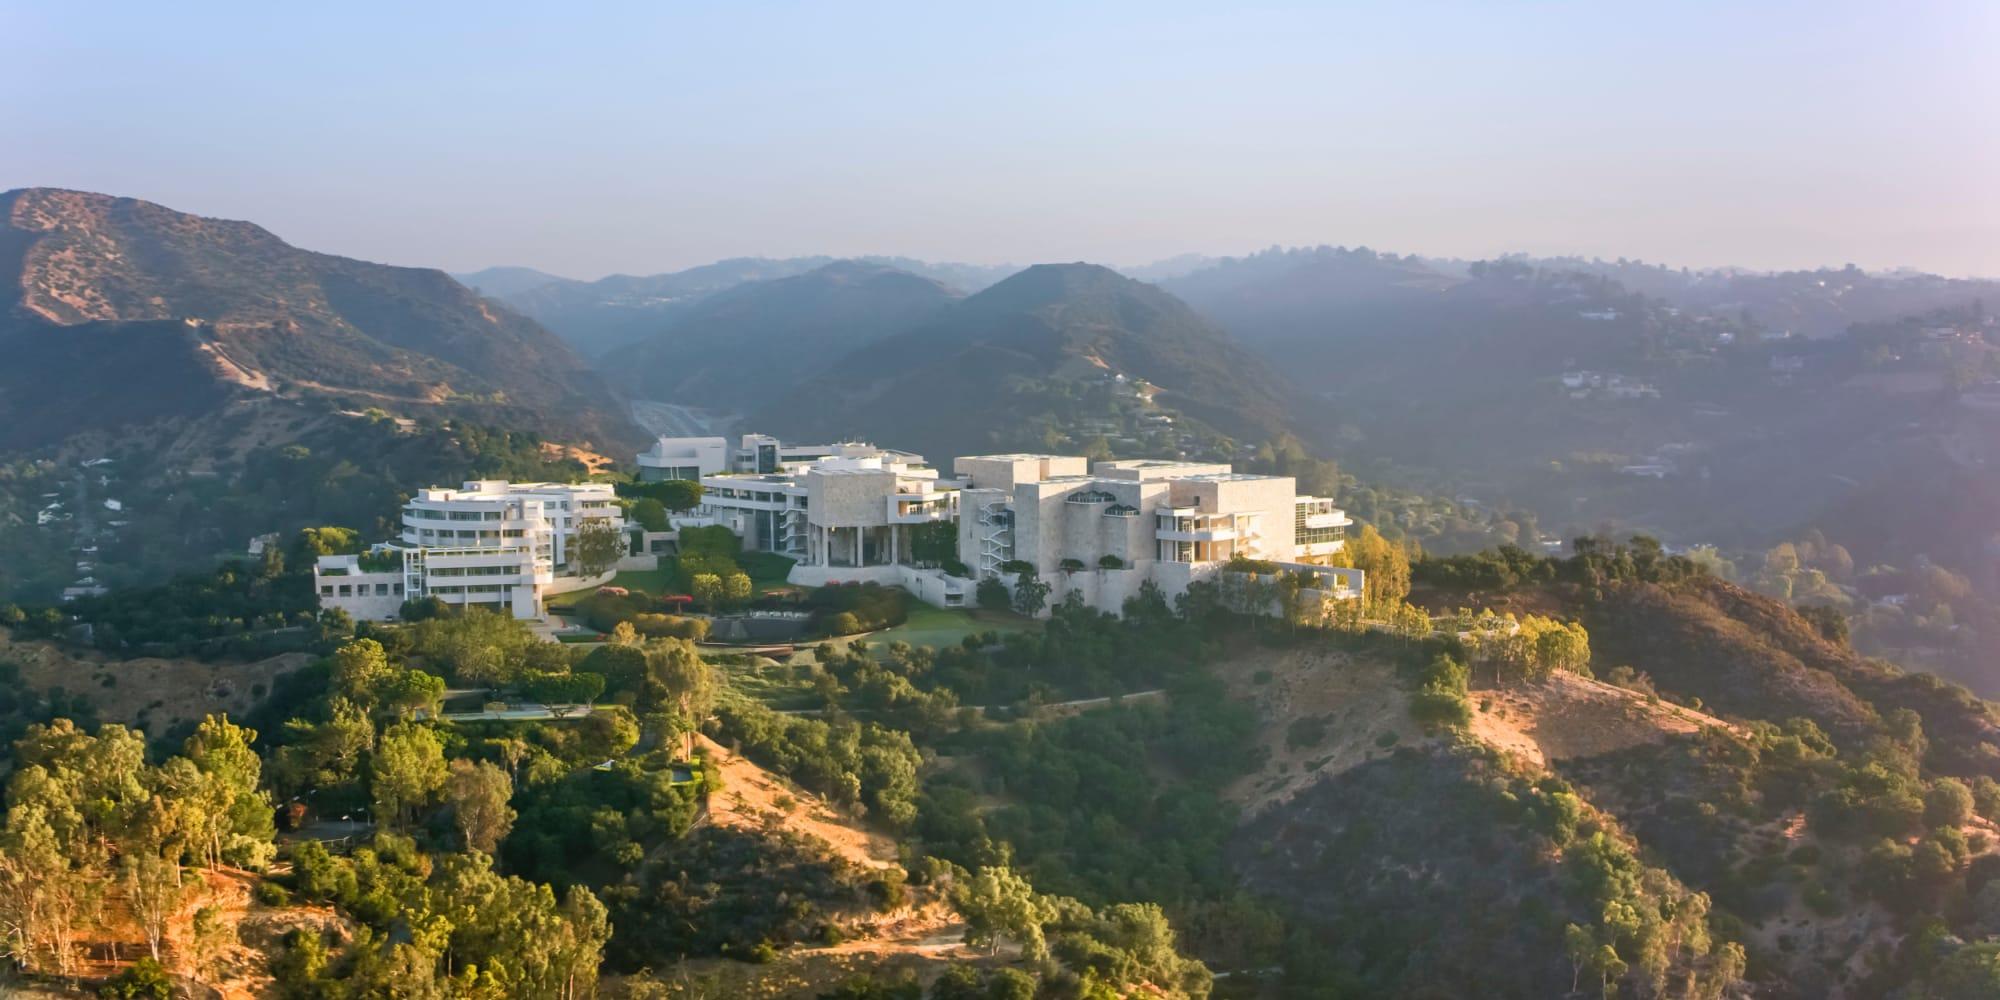 Aerial view of the Getty Center near Casa Granada in Los Angeles, California